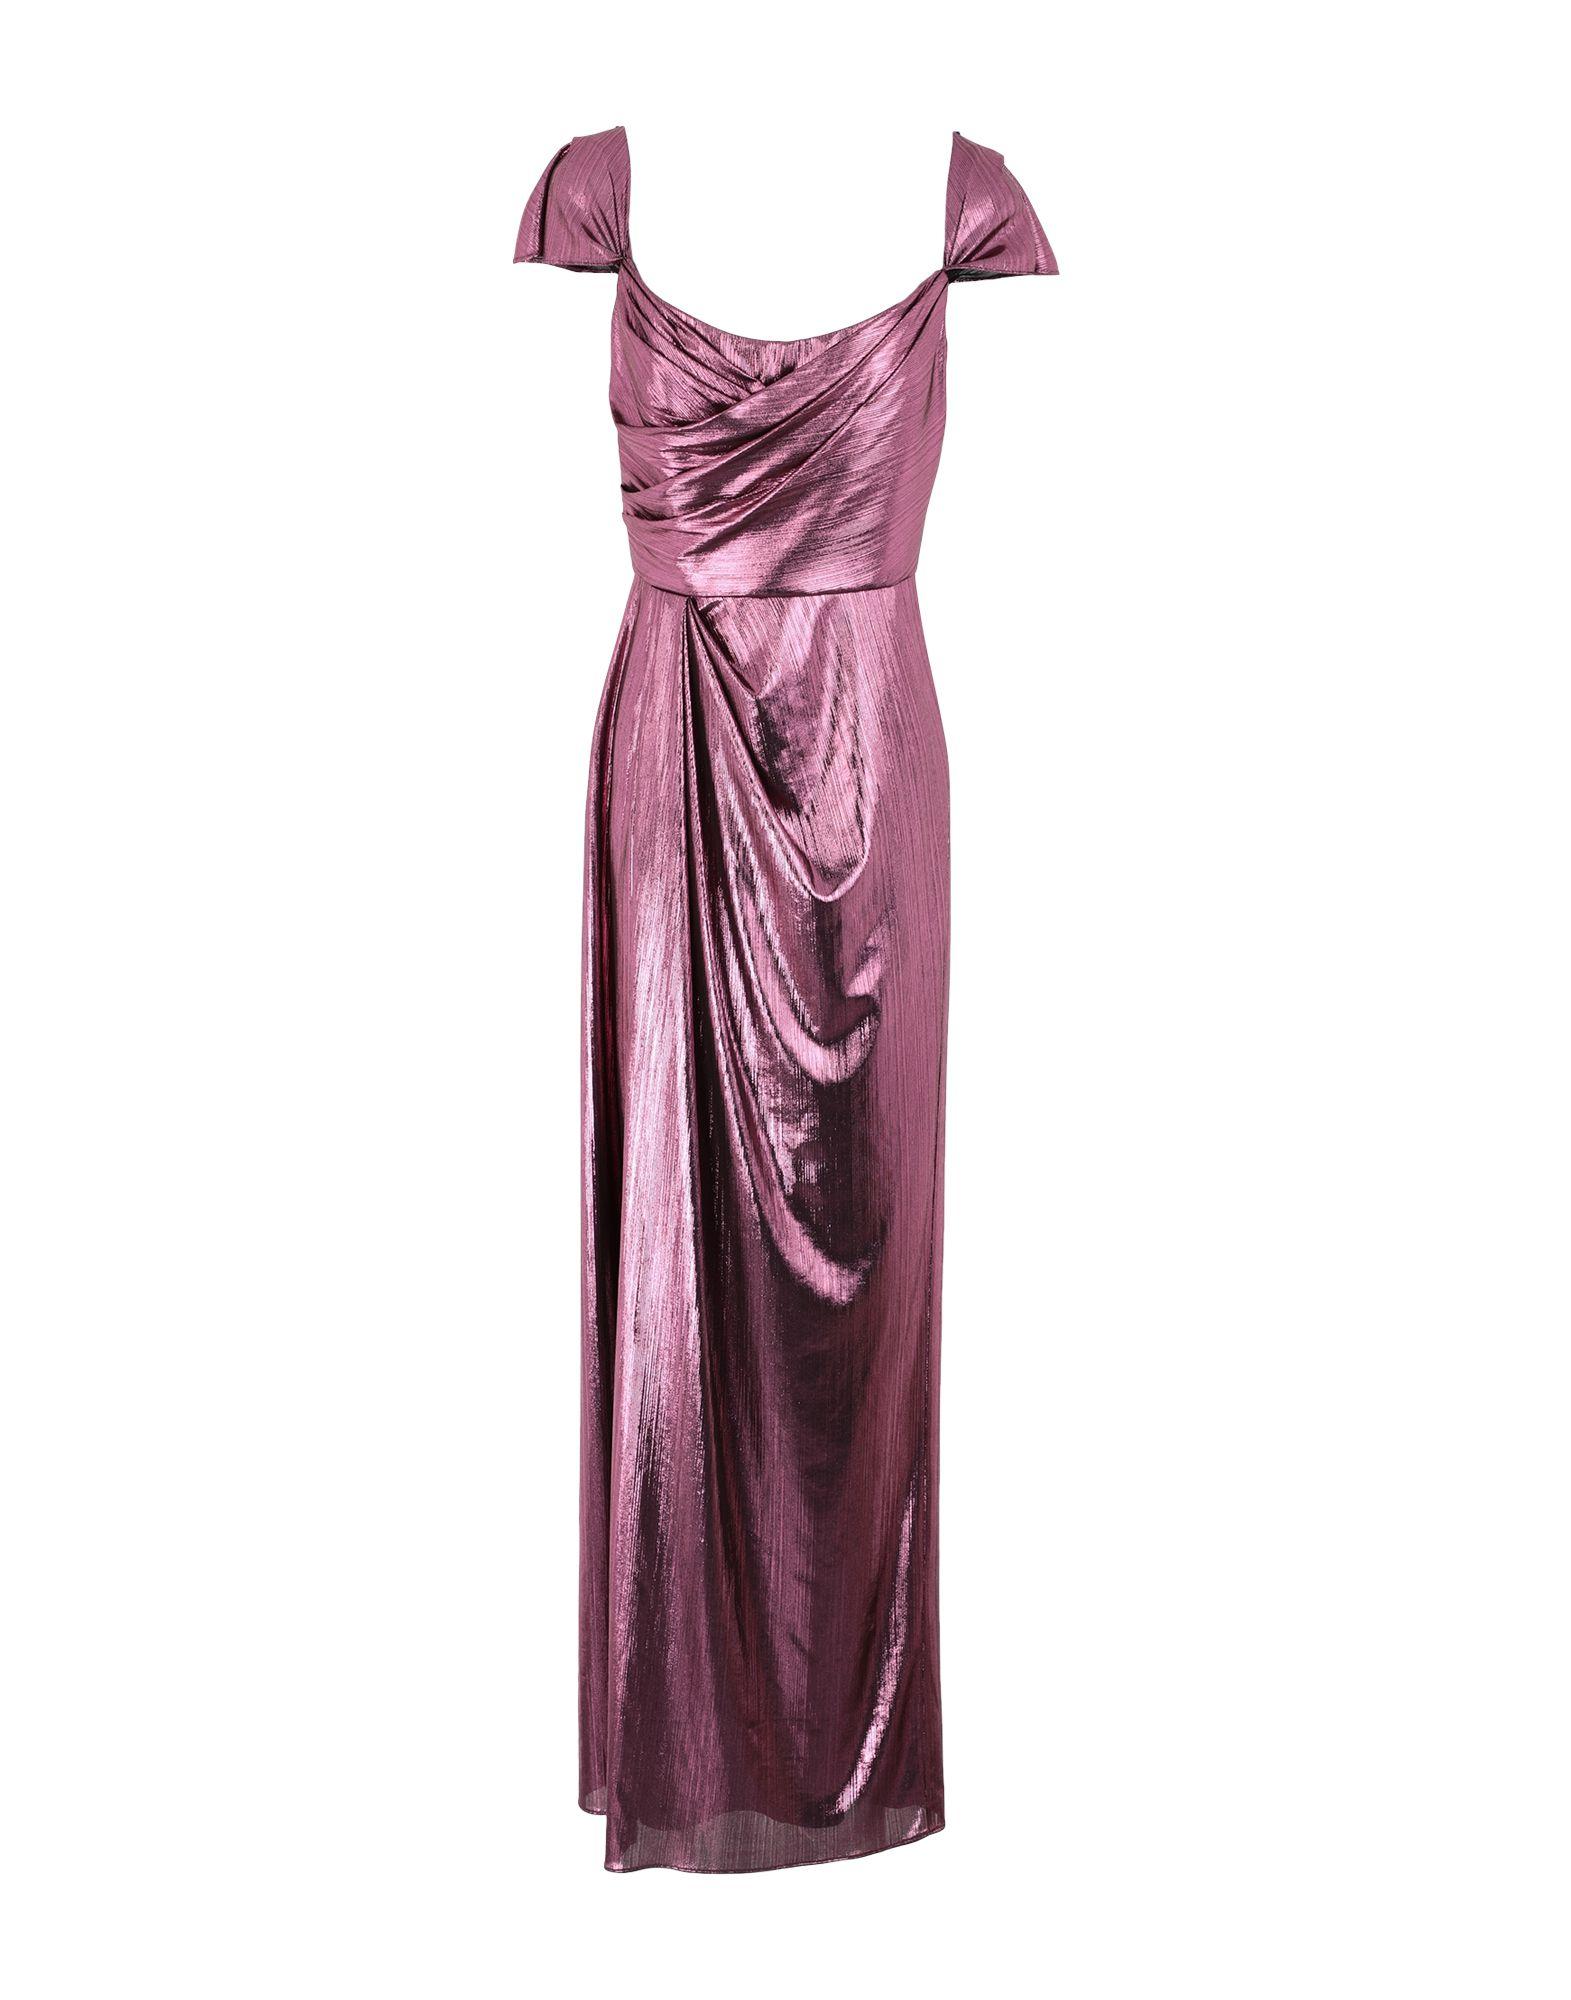 《セール開催中》MARCHESA NOTTE レディース ロングワンピース&ドレス ガーネット 6 ポリエステル 97% / ポリウレタン 3%